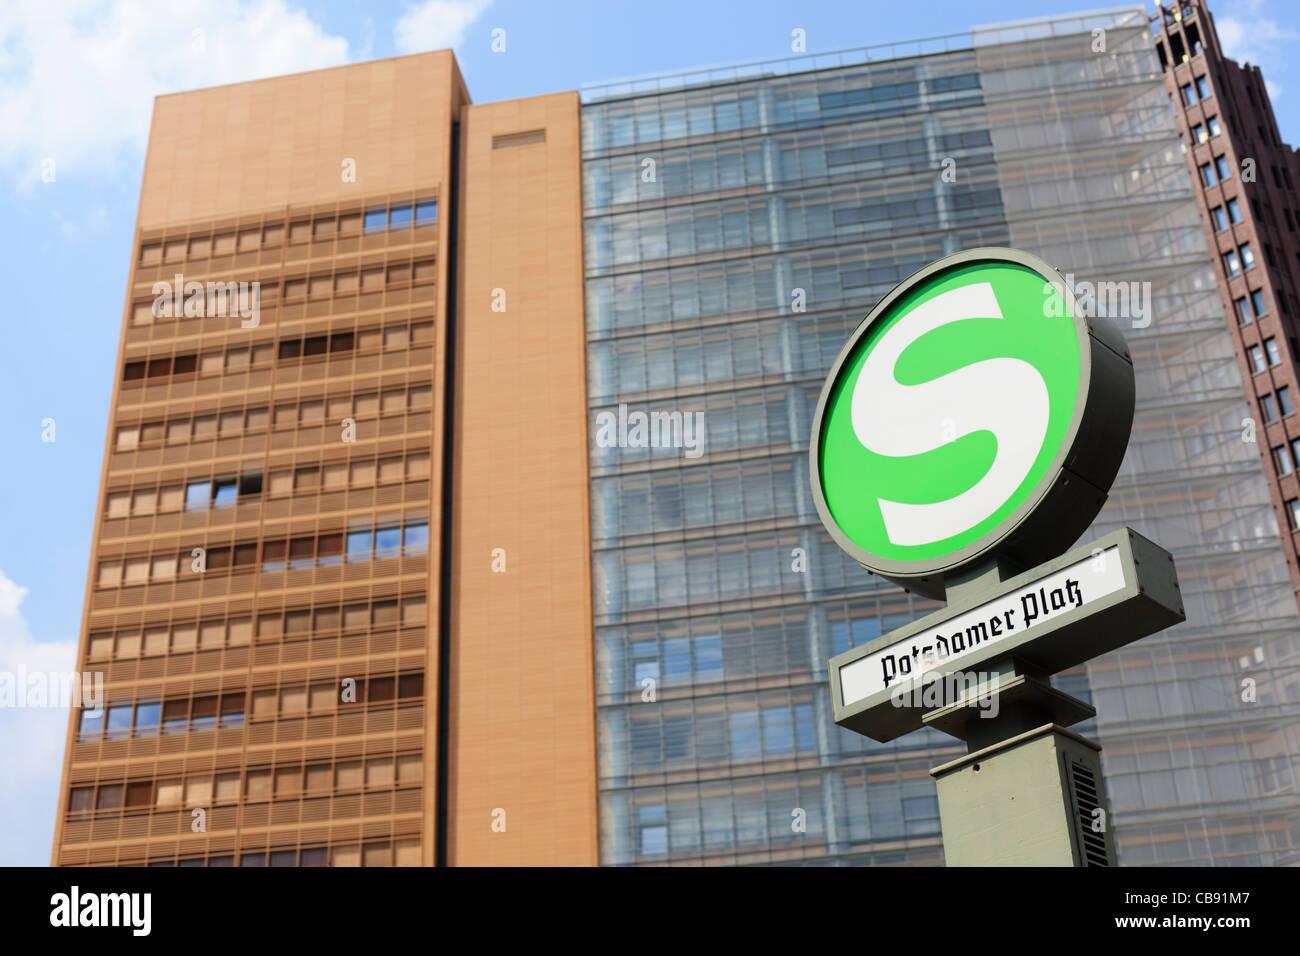 S-Bahn-Zeichen markieren einen Stopp am Potsdamer Platz in Berlin, Deutschland. Stockbild